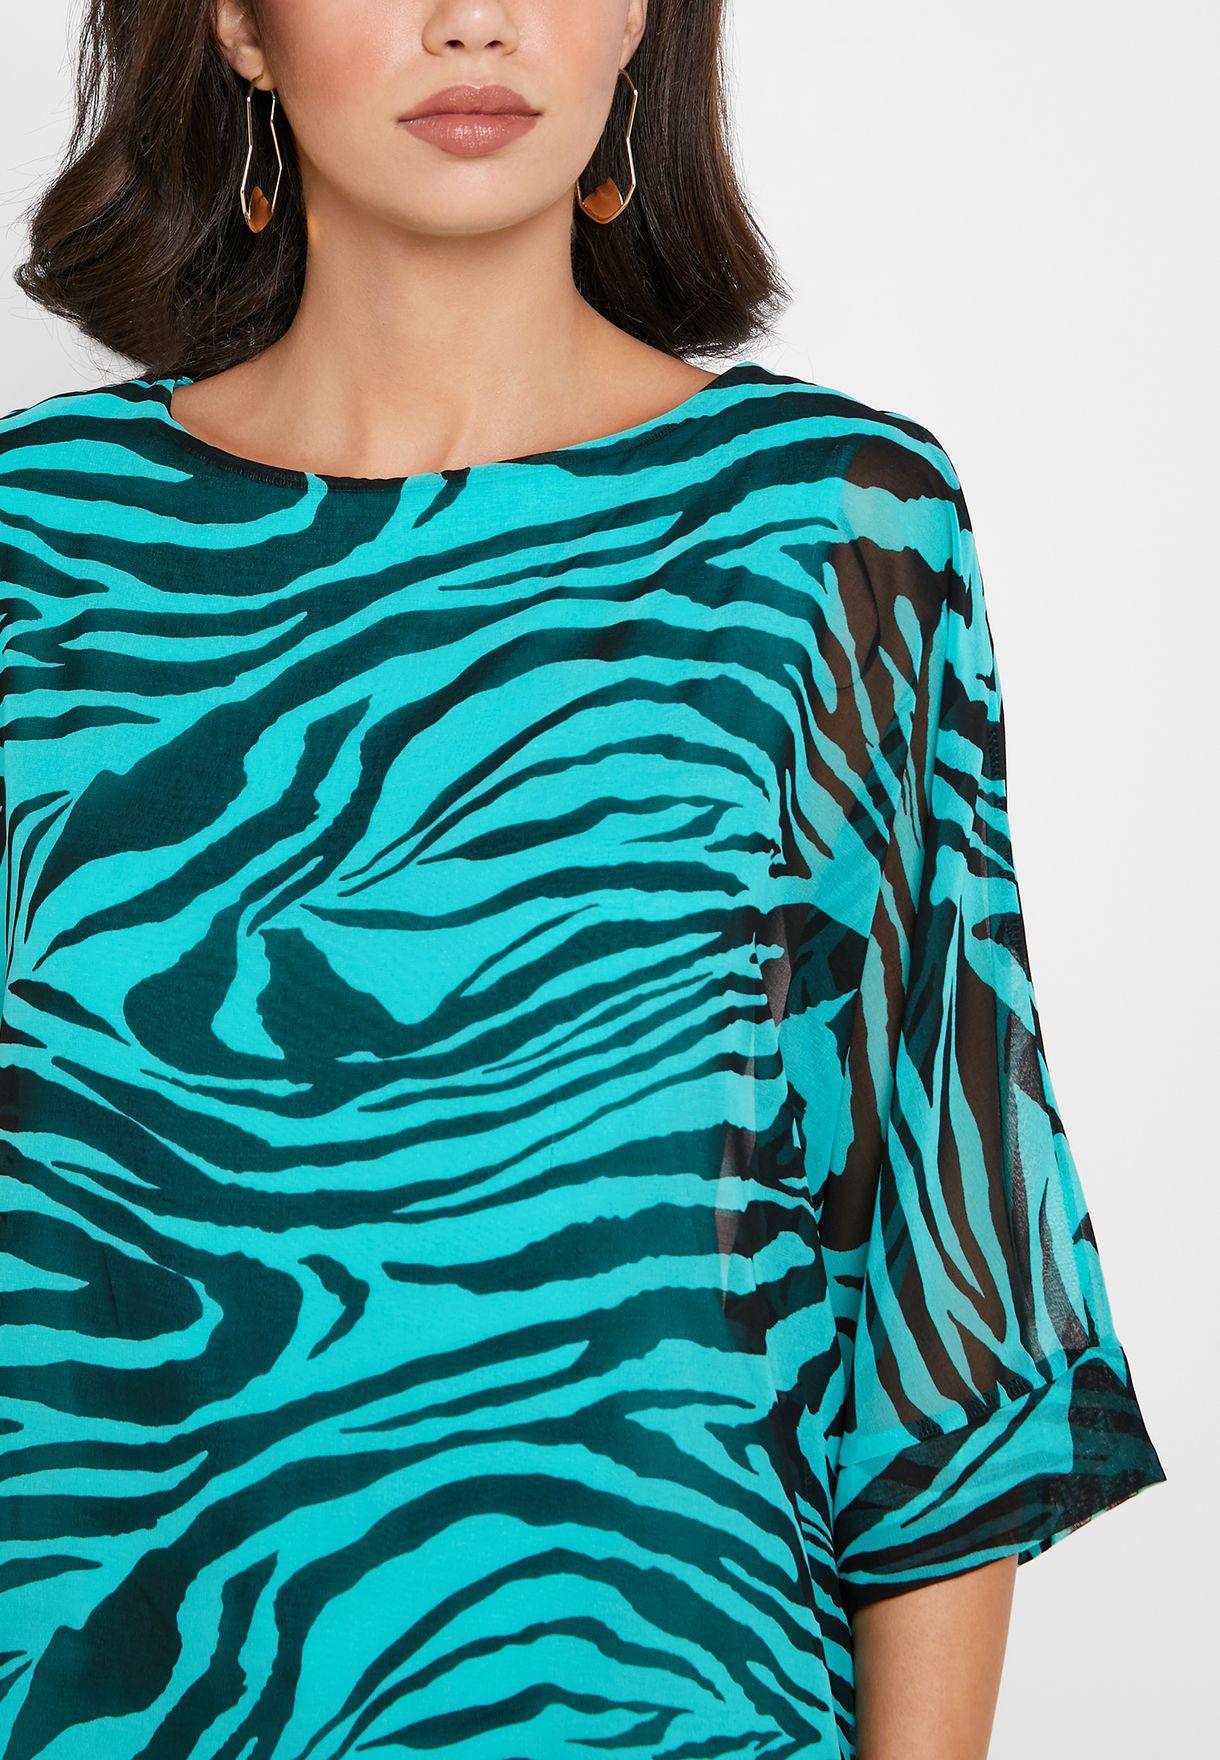 Zebra Overlay Top